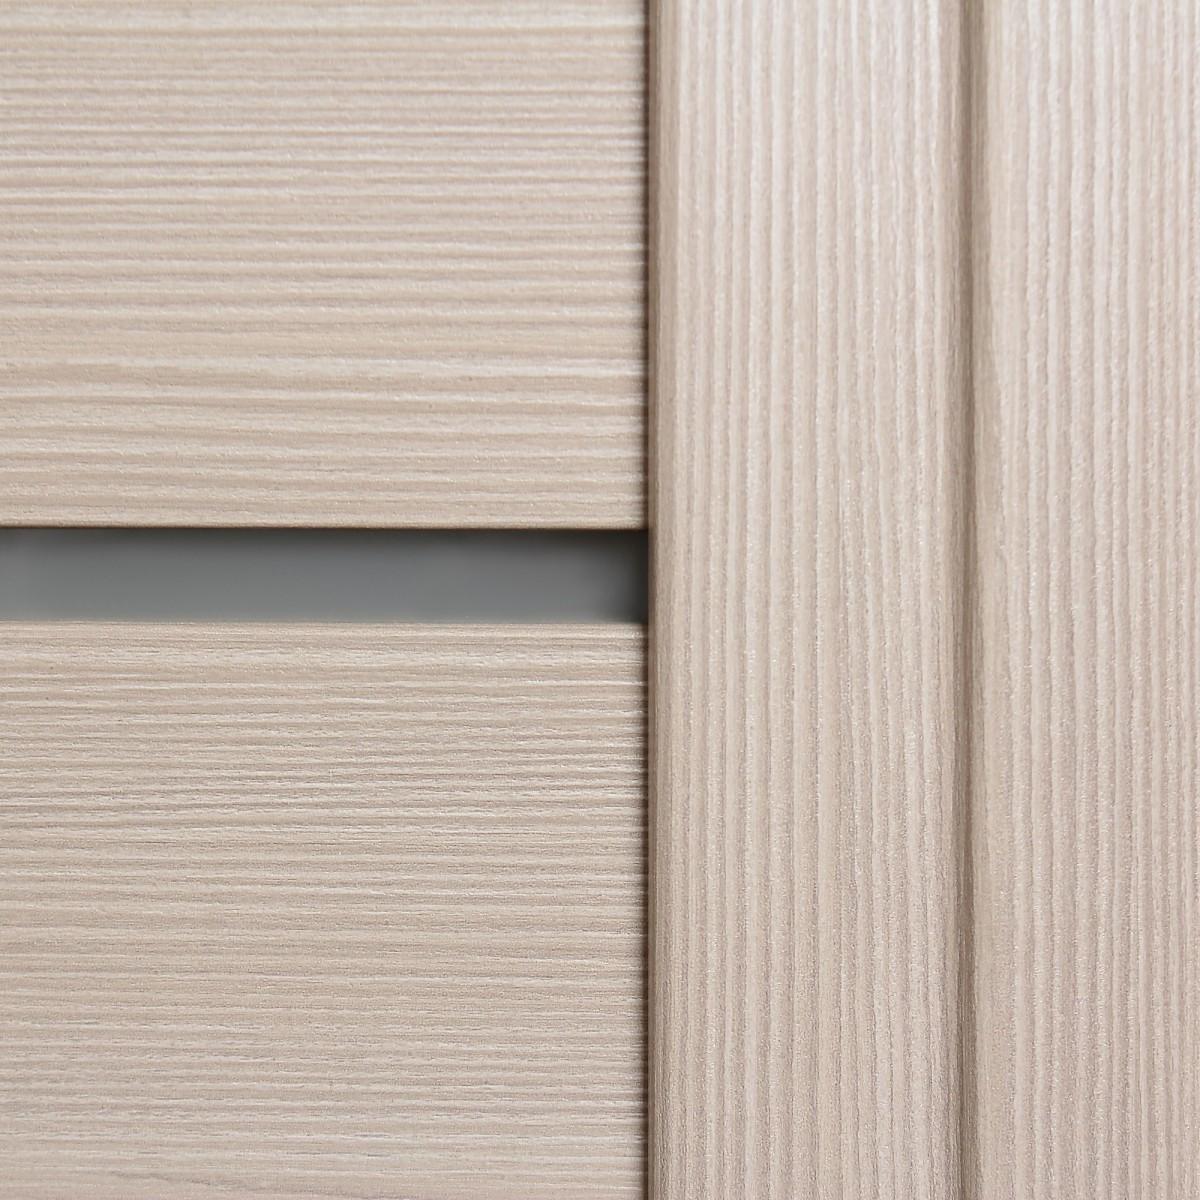 Дверь Межкомнатная Глухая С Замком В Комплекте Селект 90x200 Цвет Эшвуд